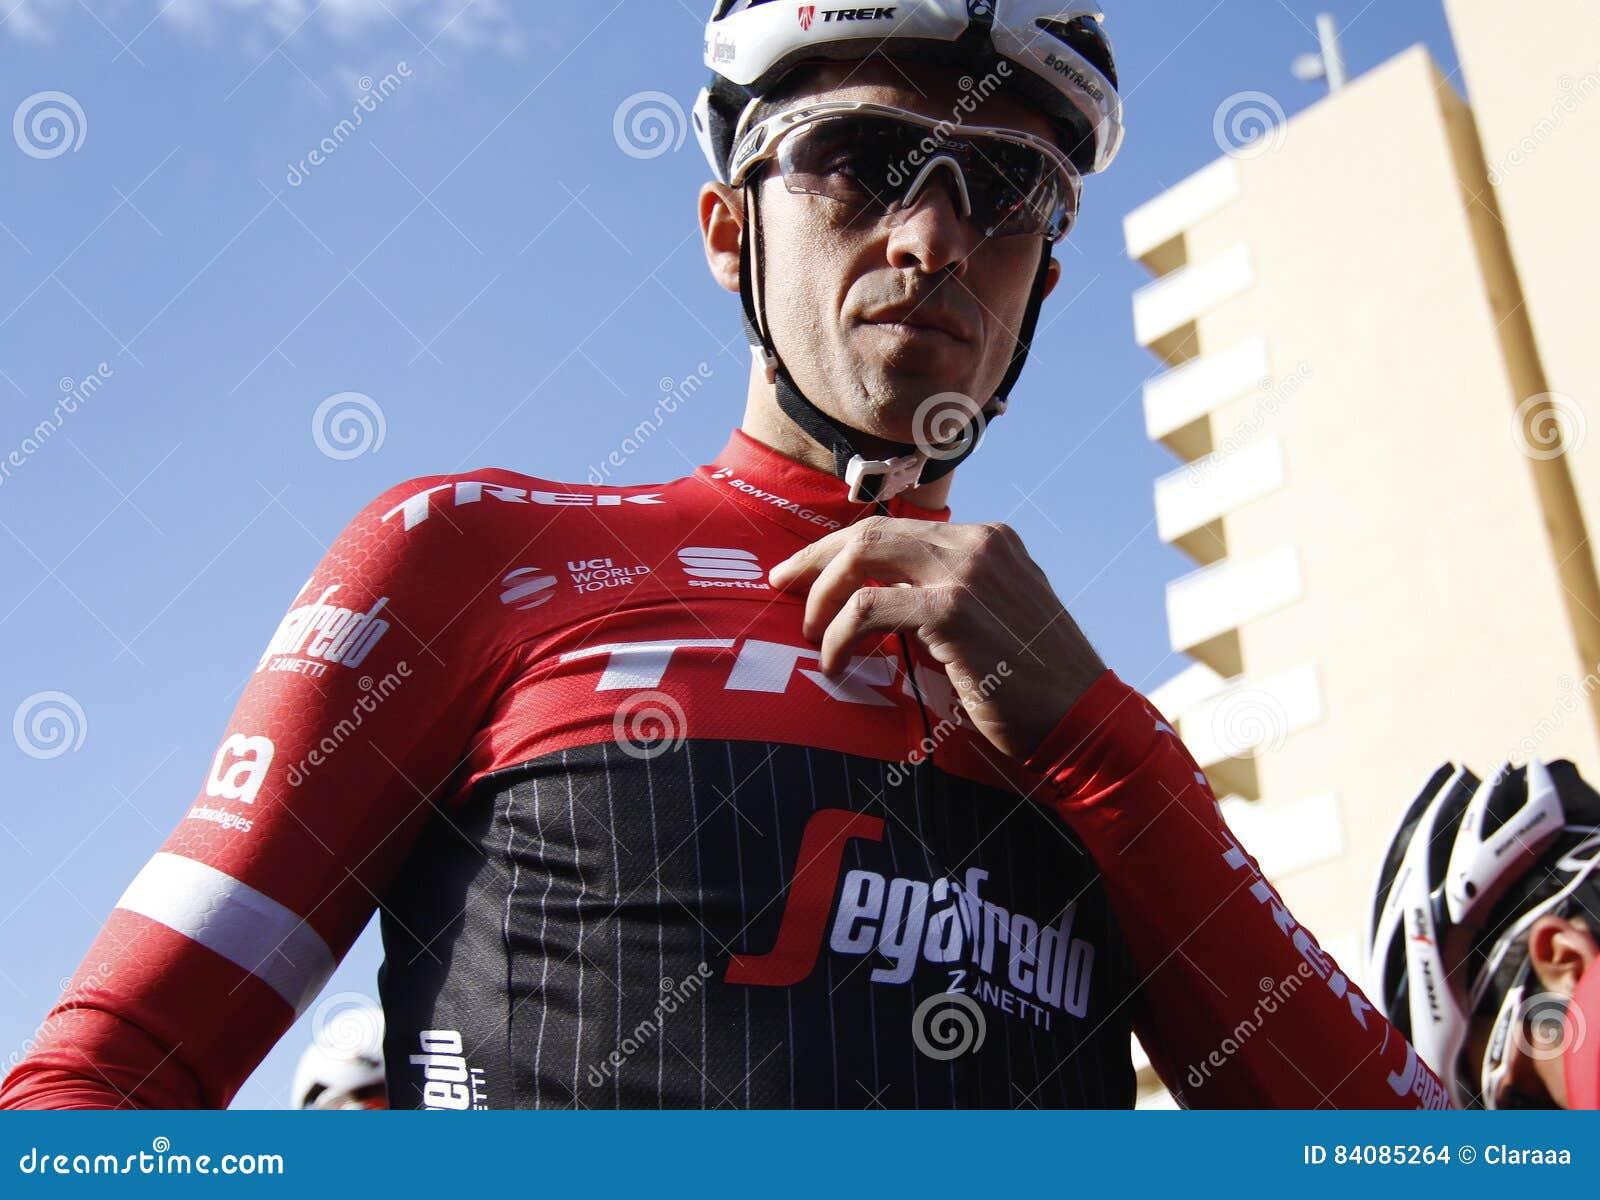 Объединяйтесь в команду трек Segafredo с Альберто Contador перед тренировкой